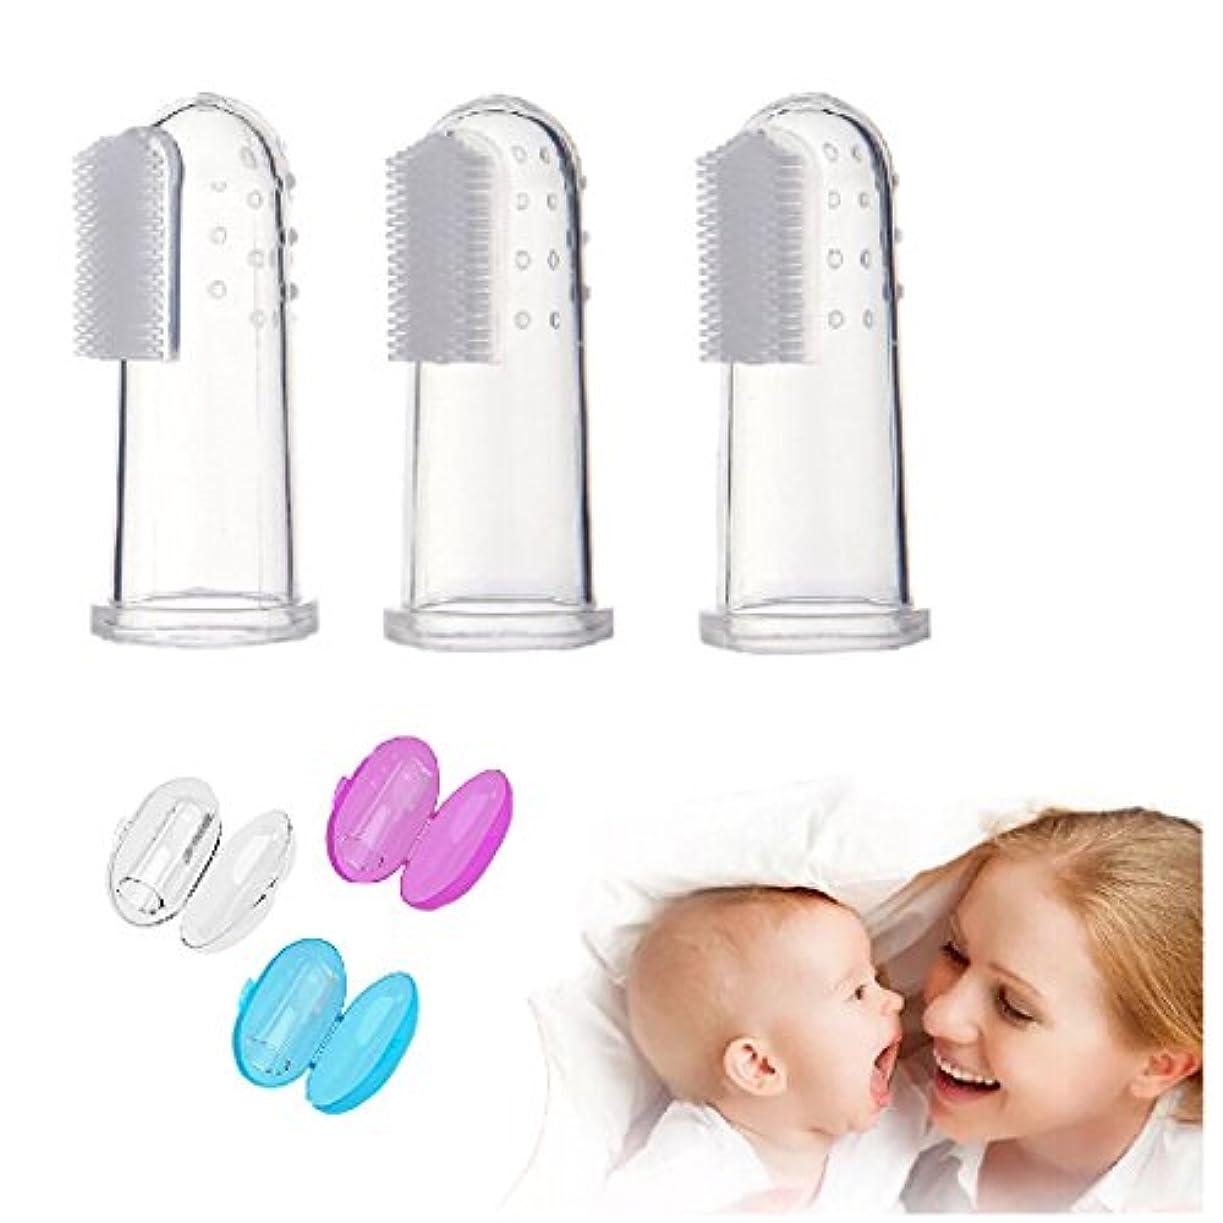 セッション相続人スクラッチ赤ちゃんの指の歯ブラシ3セット食品グレードシリコーン指歯ブラシケース付き歯ブラシティーザーとオーラルマッサージャー用赤ちゃん&幼児